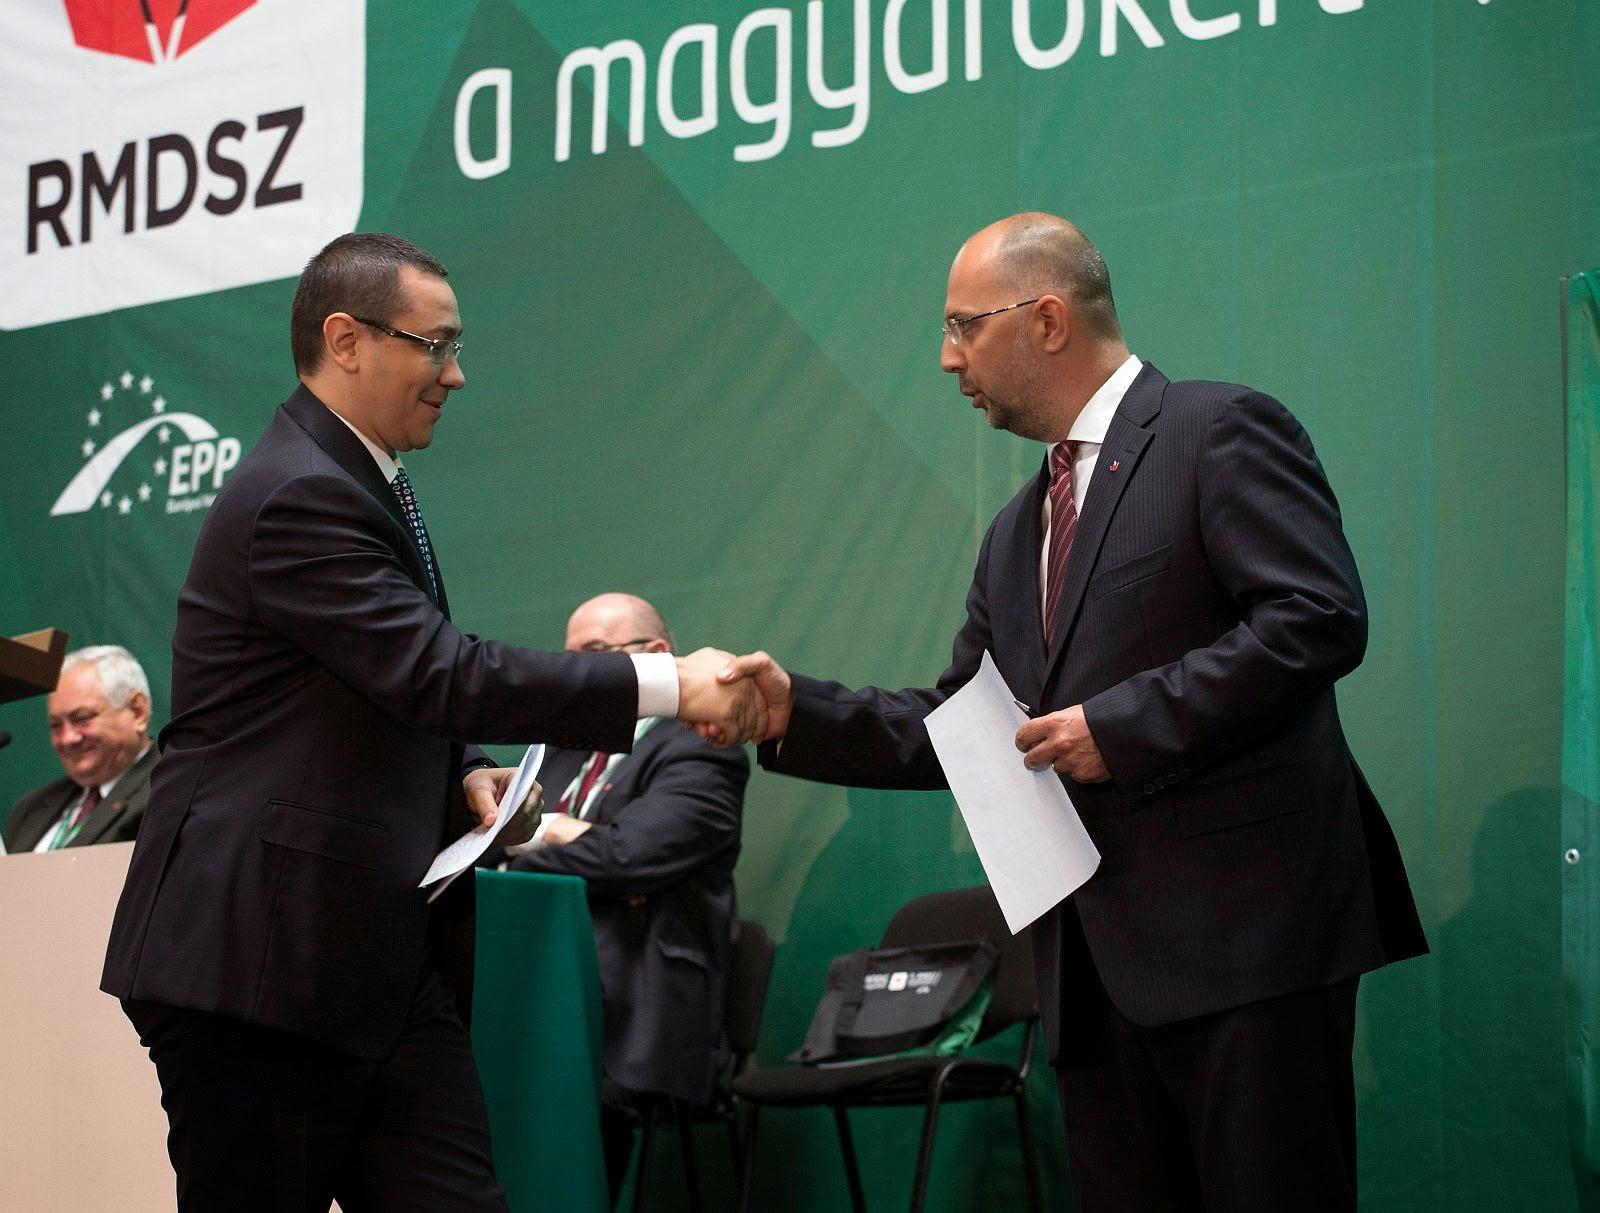 Kelemen Hunor, kisebbségek, Klaus Johannis, magyarság, RMDSZ, Románia, Victor Ponta, államelnök-választások,